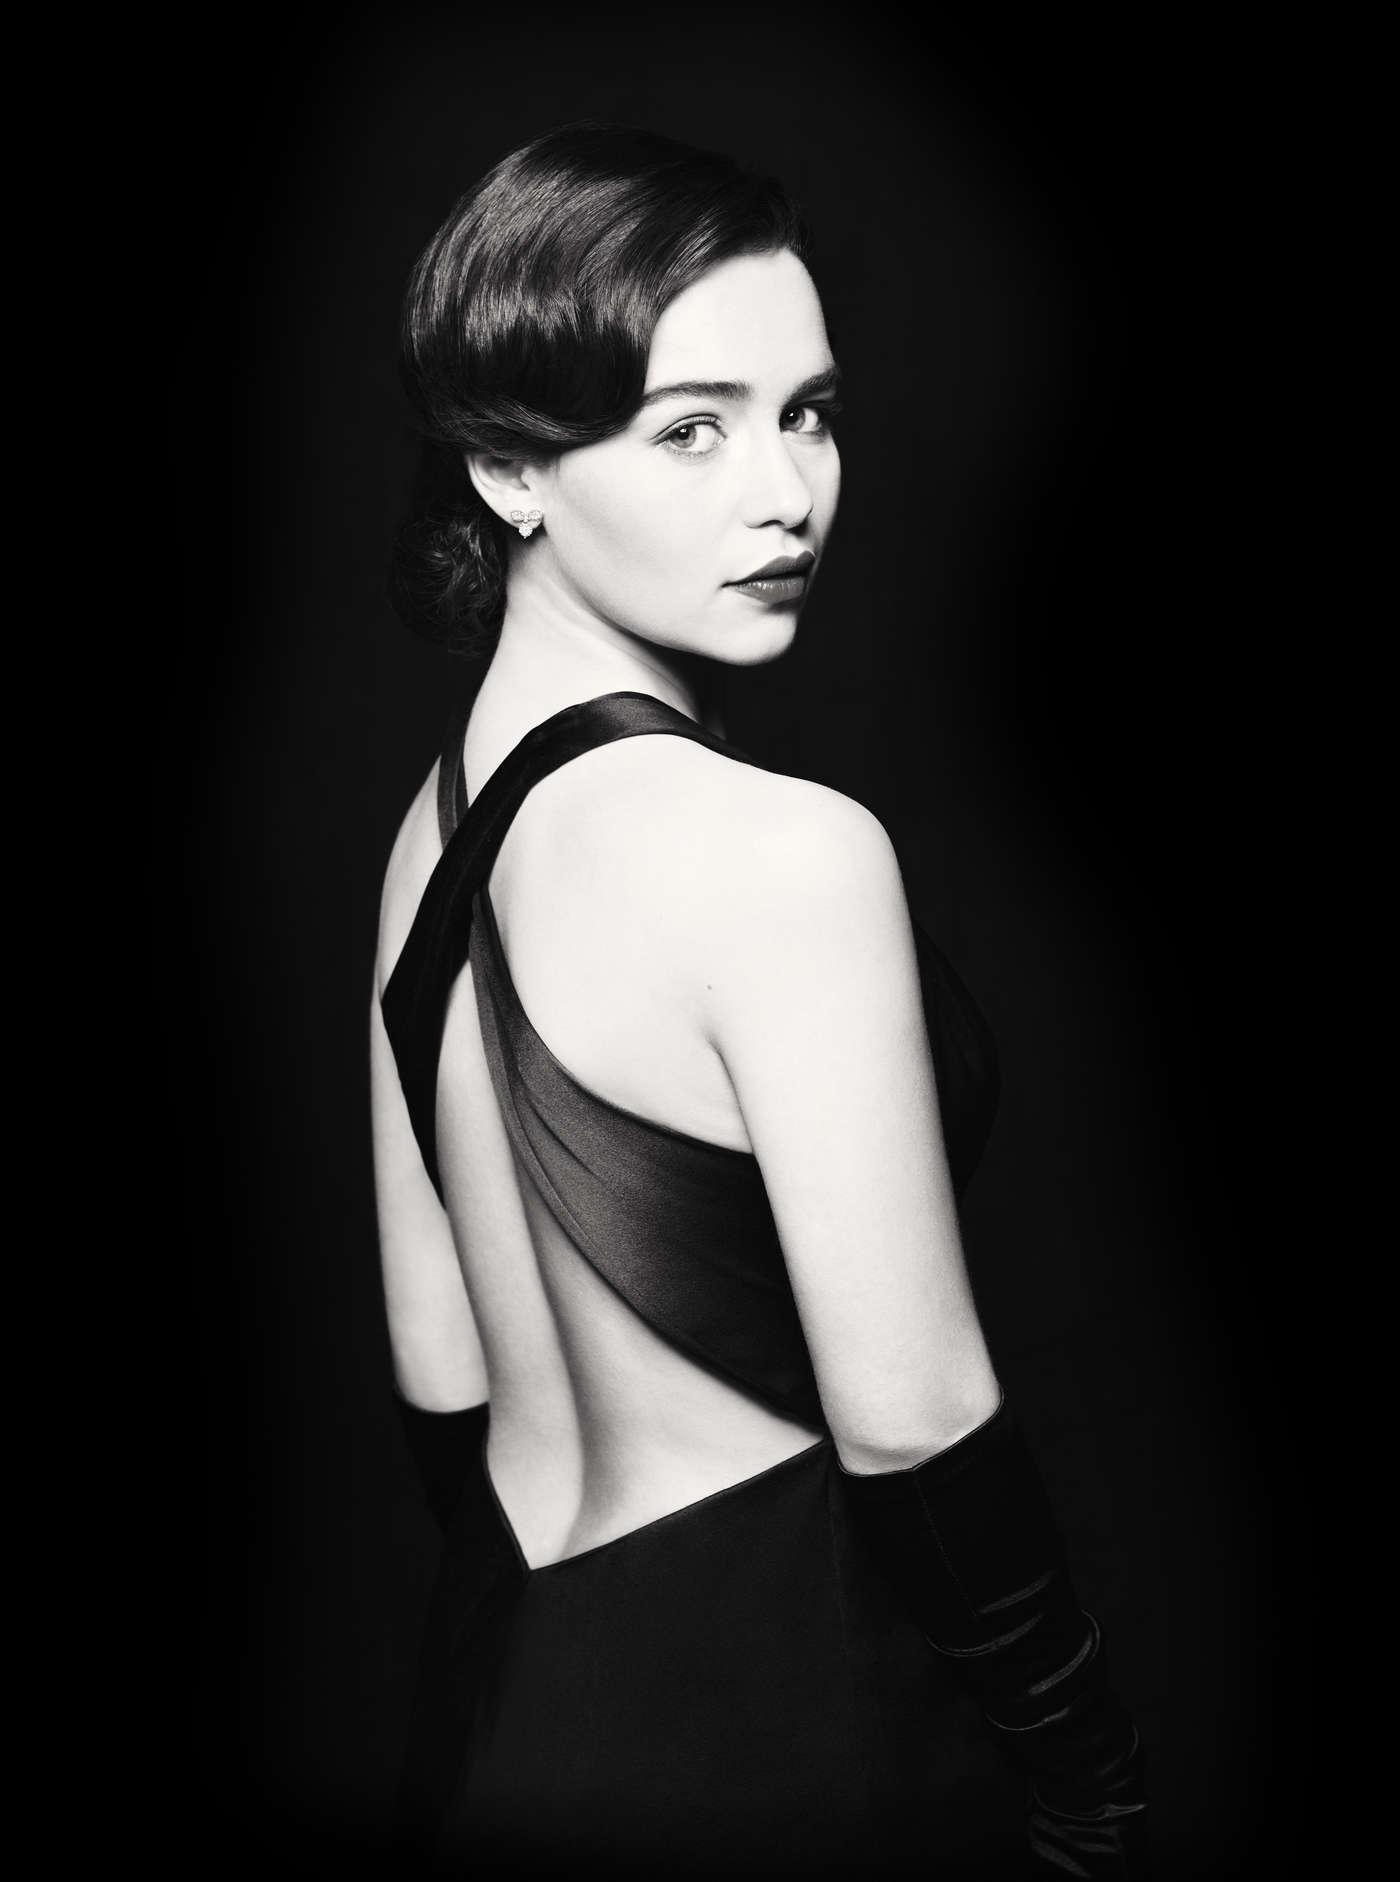 Emilia Clarke Photoshoot 3